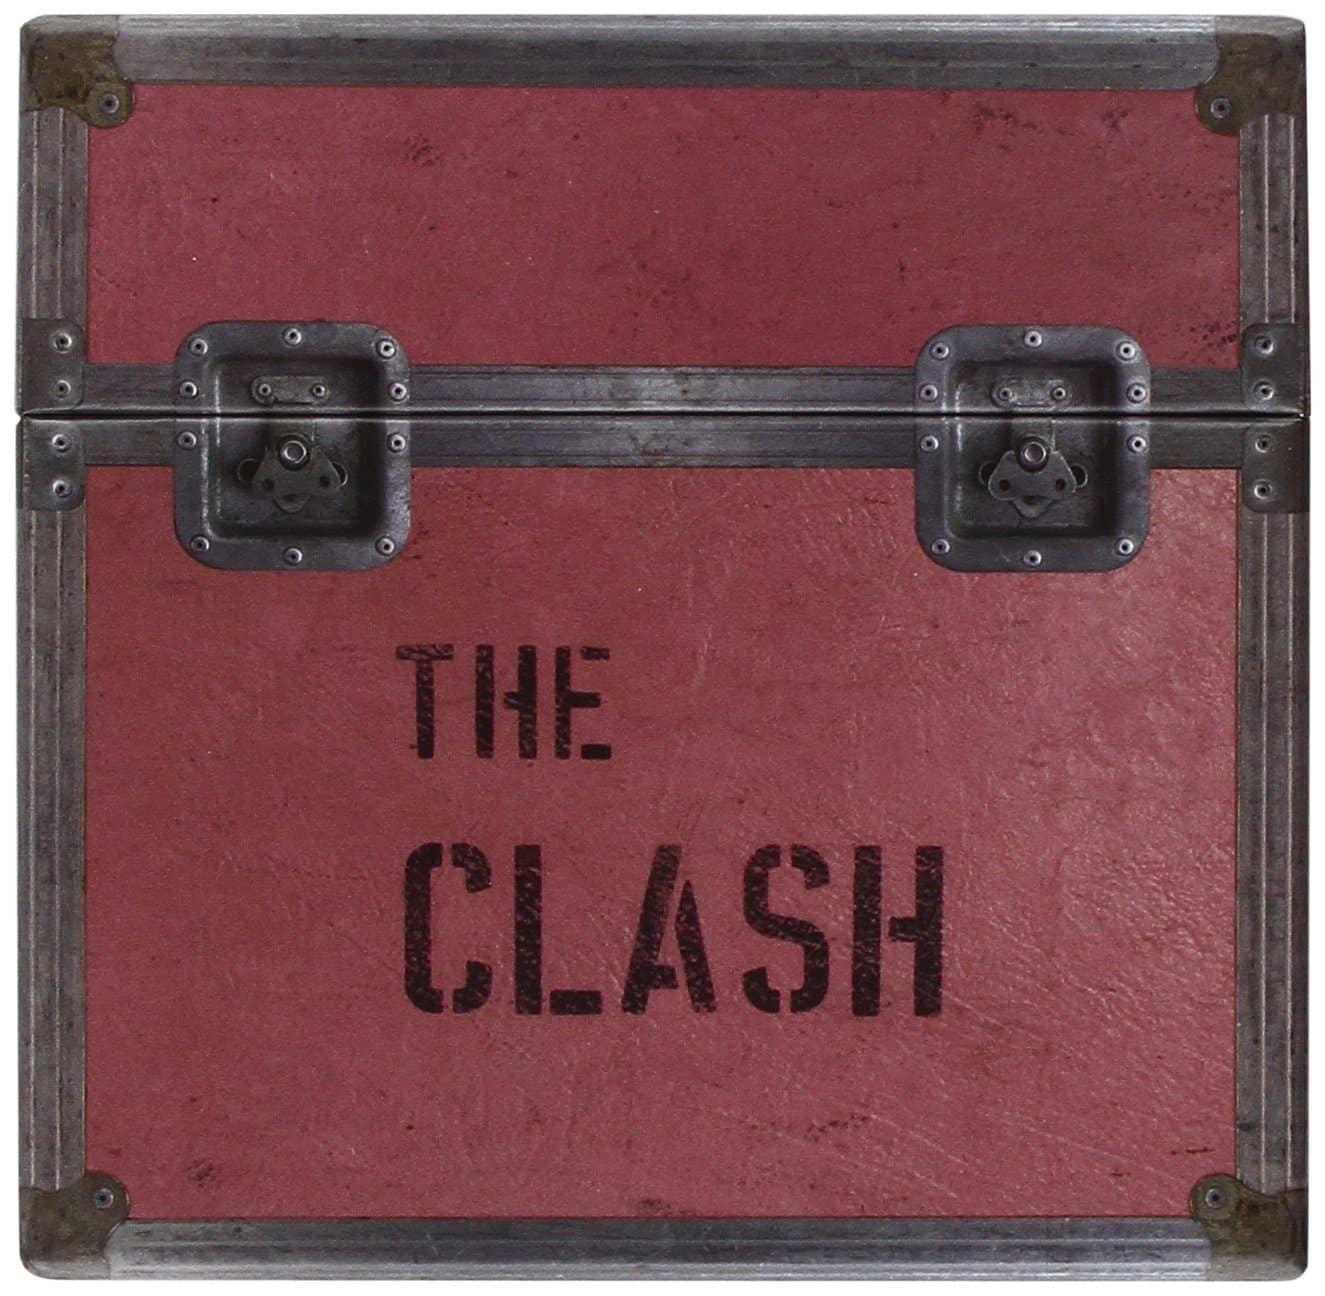 Caixa The Clash (5 álbuns de estúdio) na Amazon